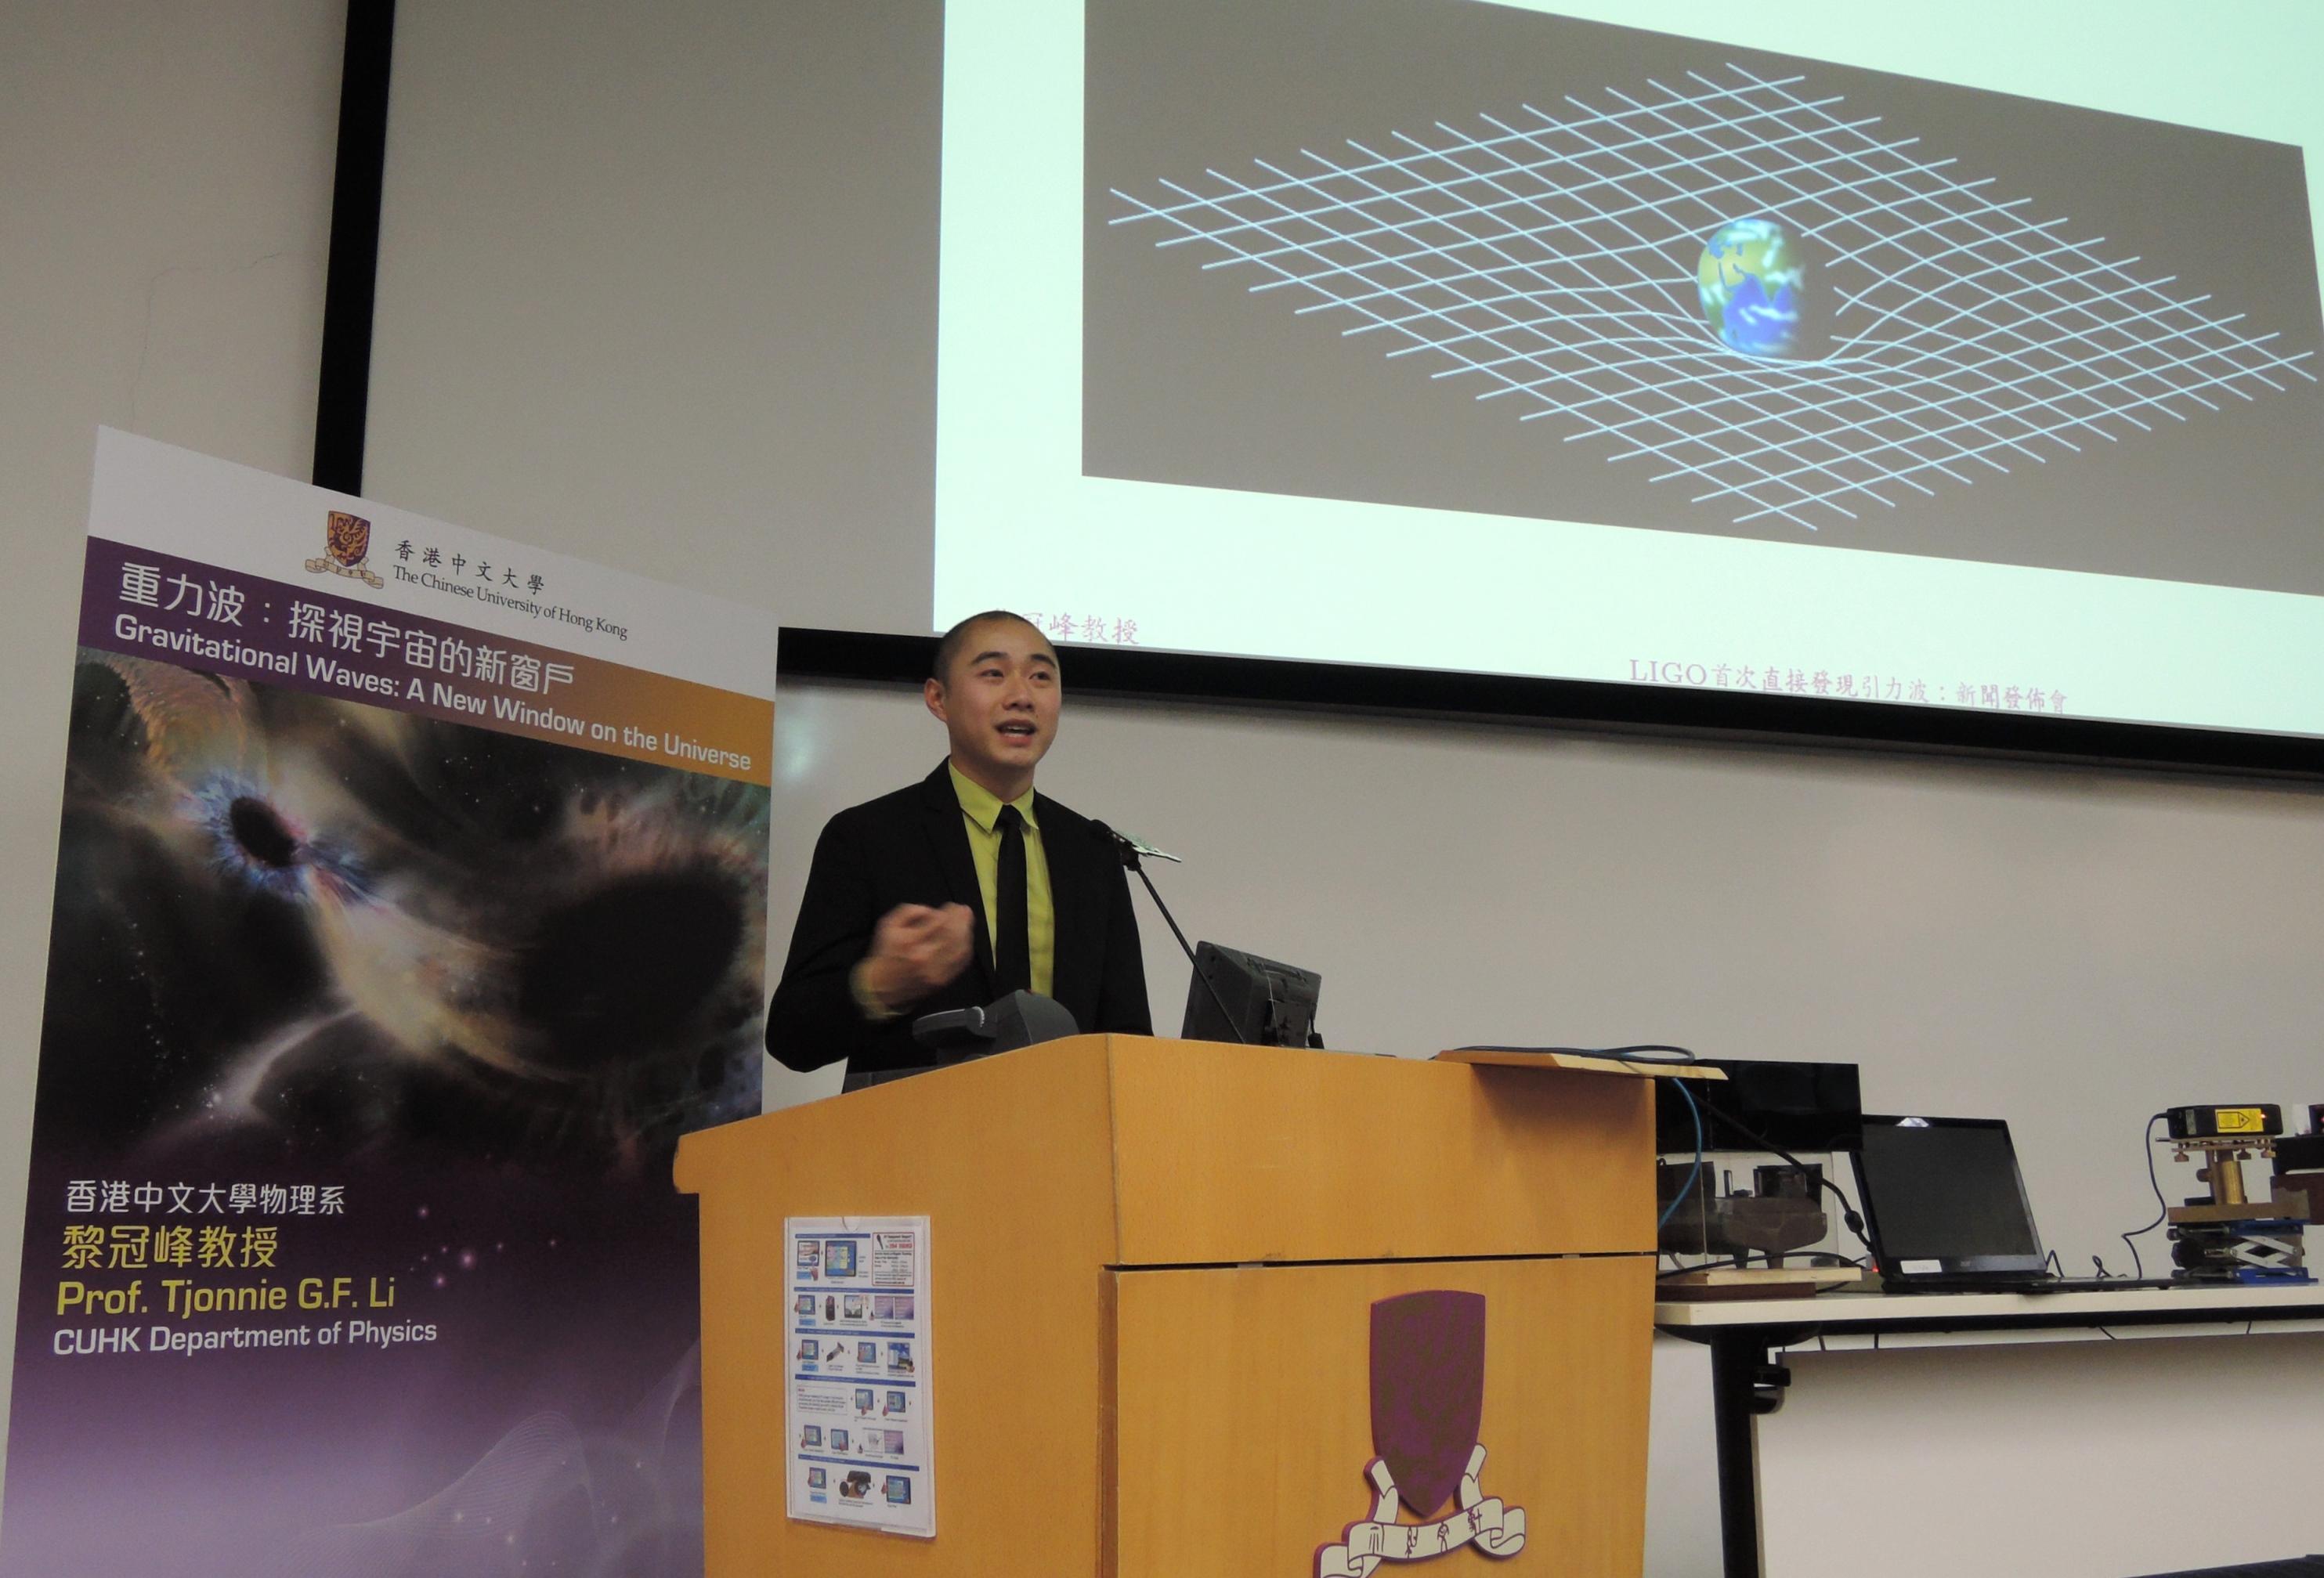 中大物理系研究助理教授黎冠峰教授是唯一一位來自香港院校的科學家參與是次重力波的發現。